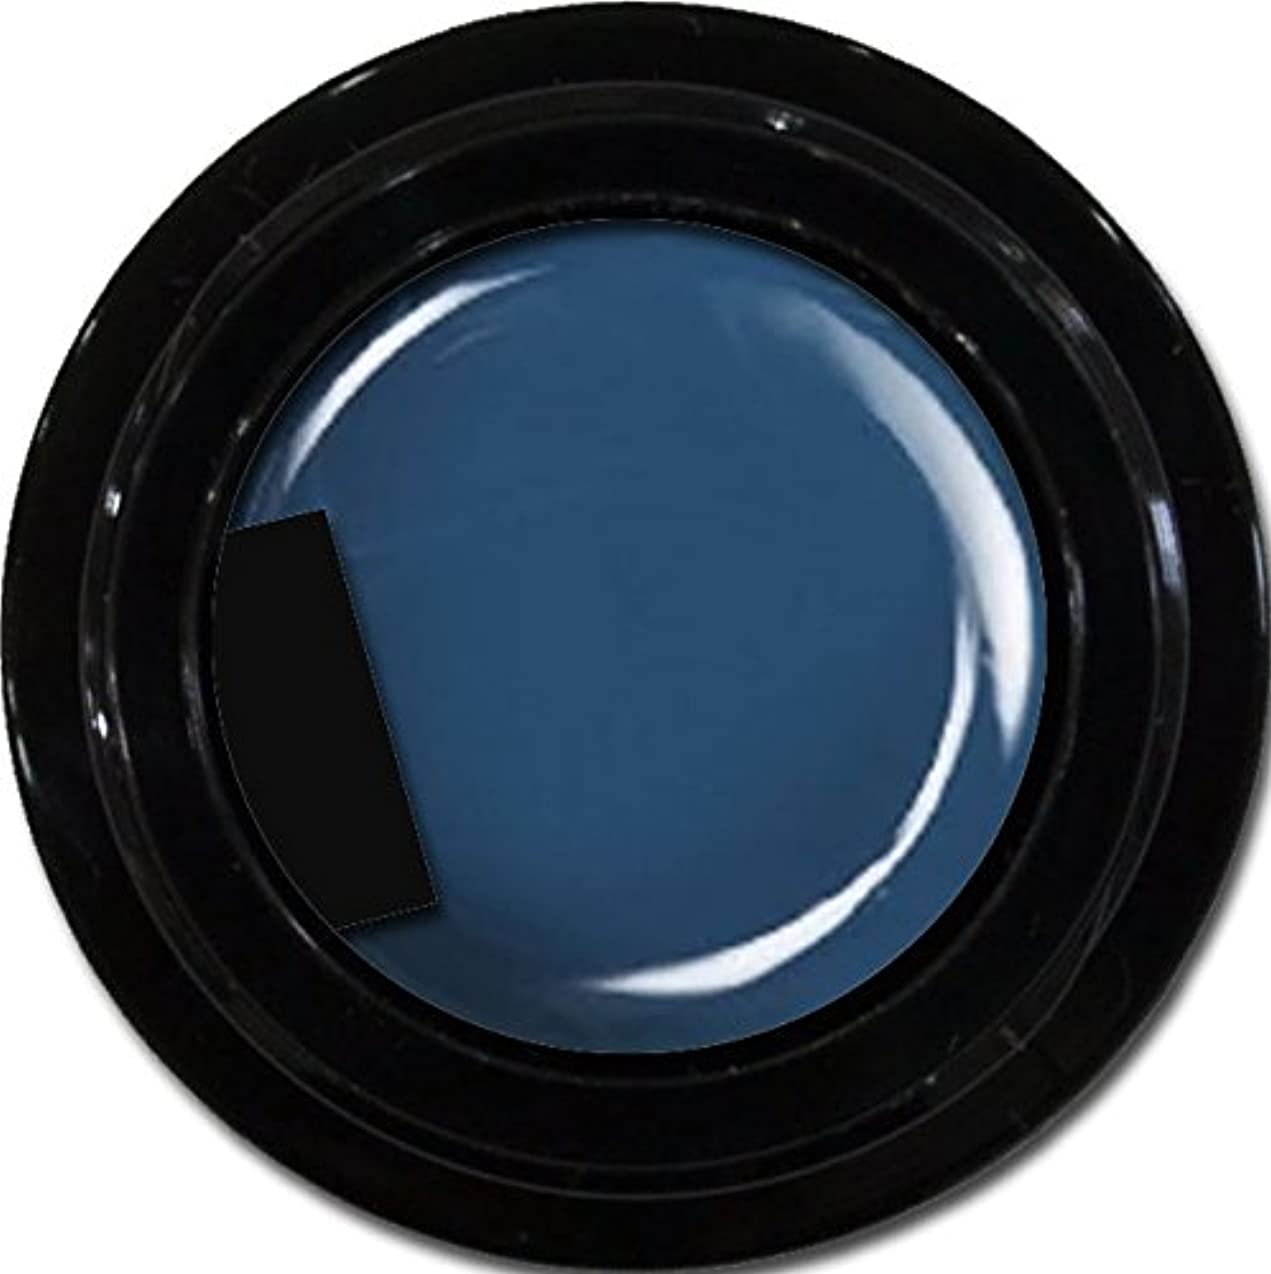 証明謝罪する通貨カラージェル enchant color gel M720 BrilliantBlue 3g/ マットカラージェル M720ブリリアントブルー 3グラム